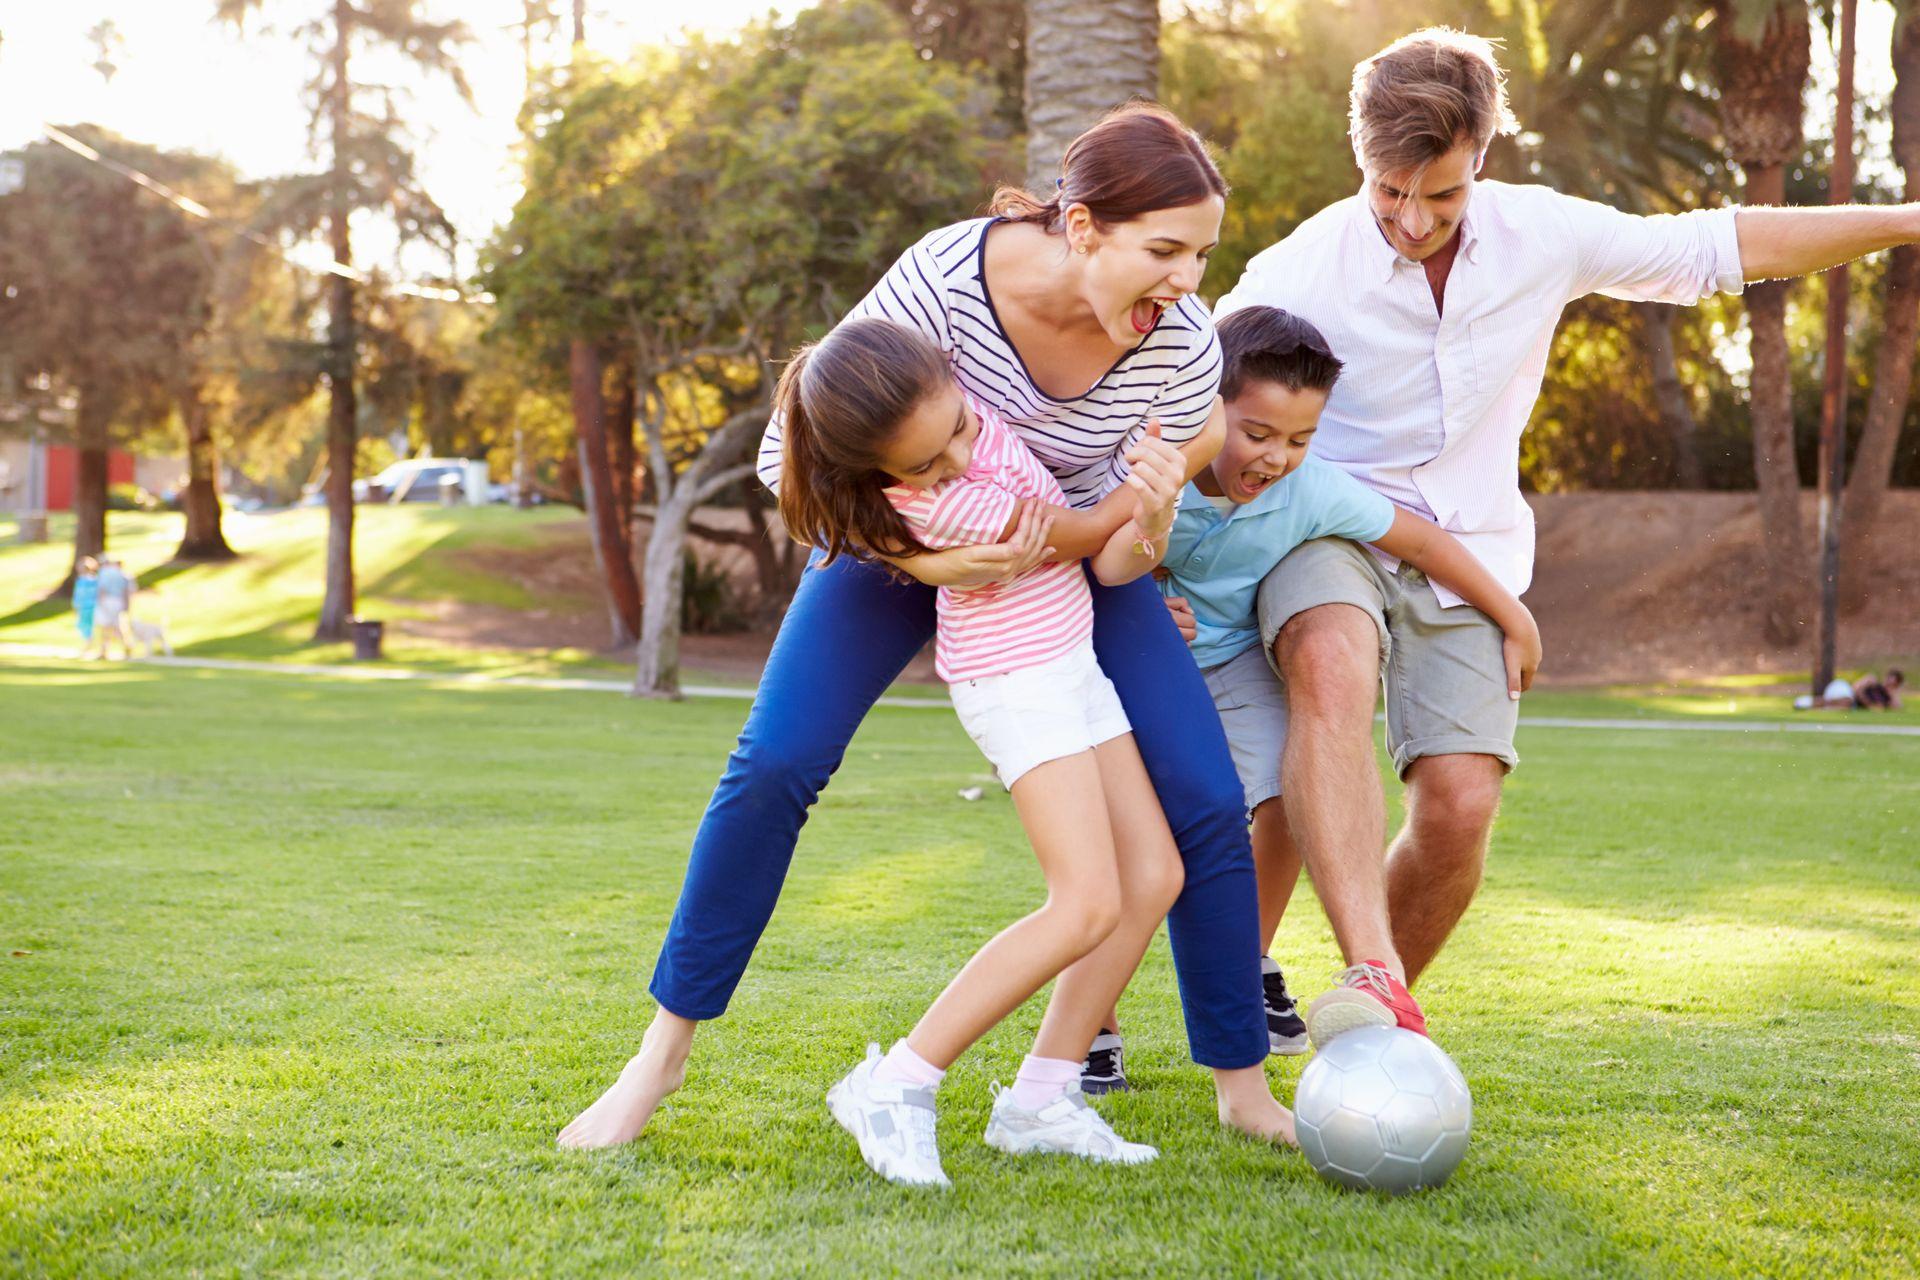 спортивные картинки взрослых с детьми для